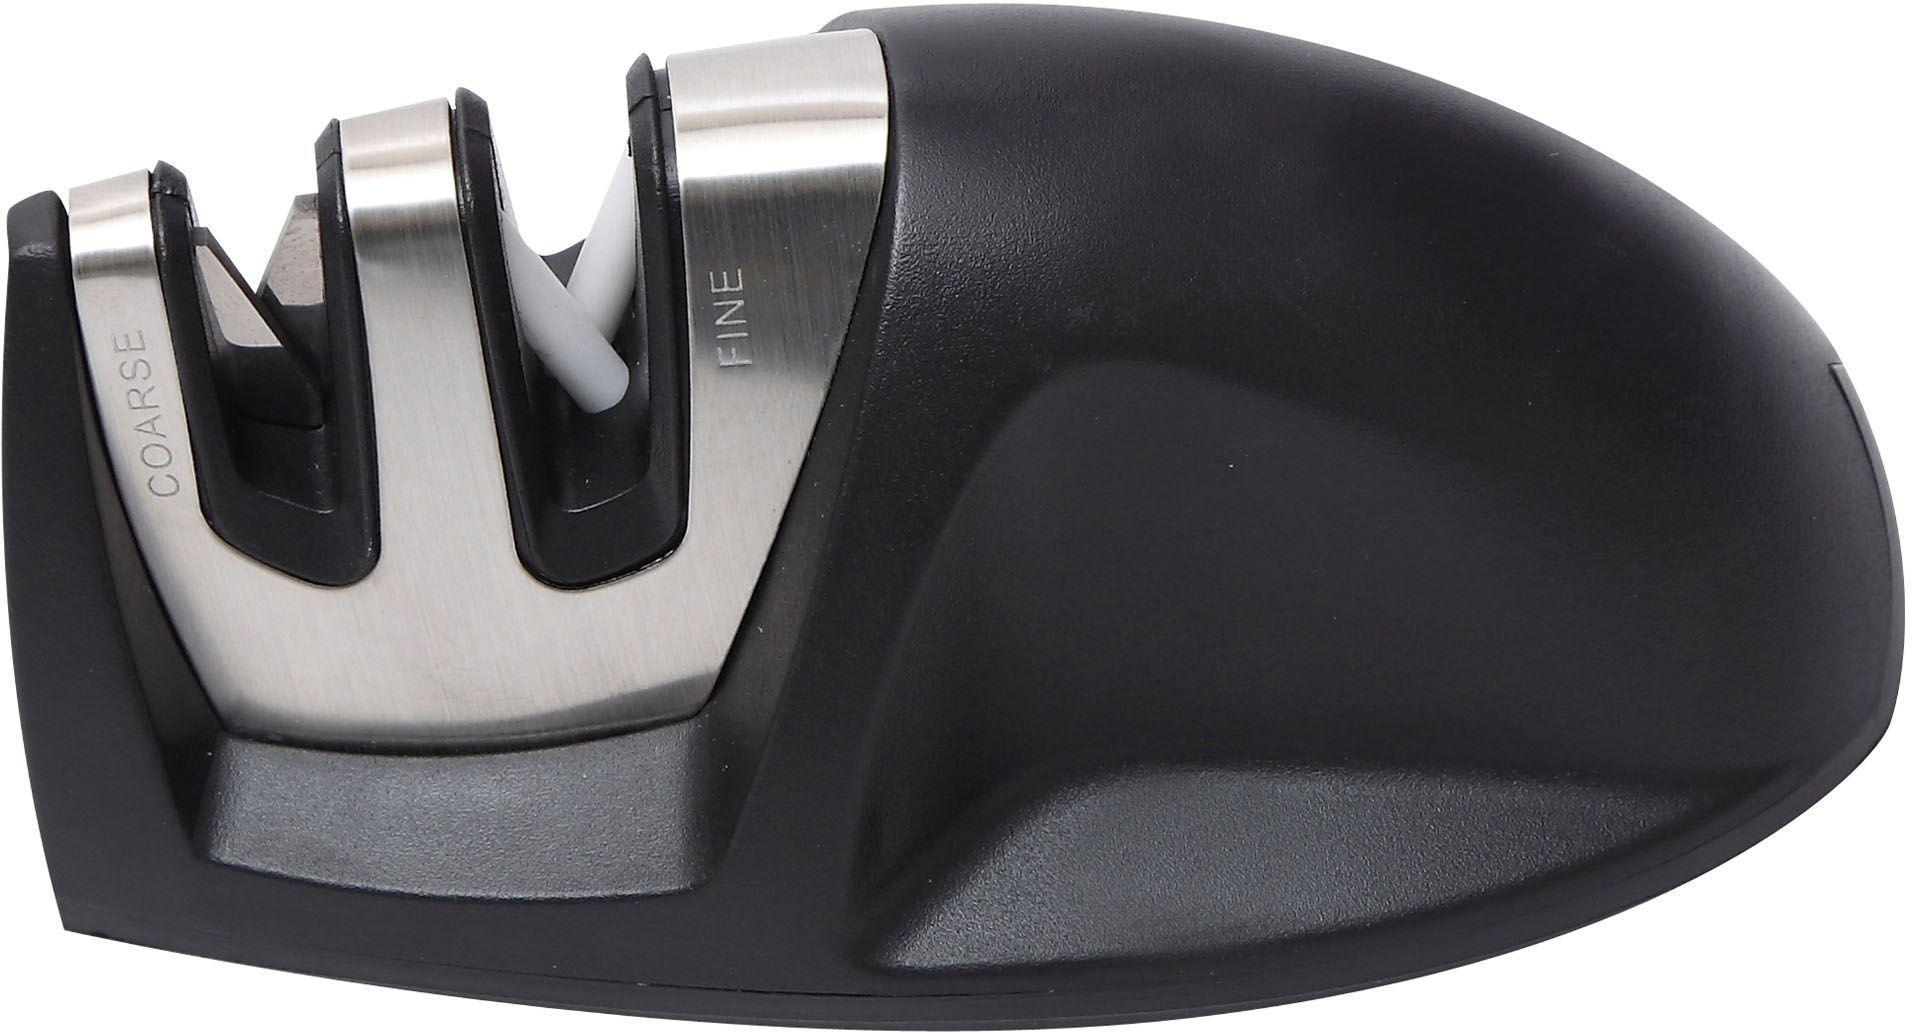 Ножеточка Bergner 3955 BG, настольная3955 BGНожеточка Bergner 3955 BG всегда придет на выручку, если кухонные инструменты сильно затупятся. Точилка снабжена двумя отсеками: металлическая пластина – для грубой обработки, а белые керамические стержни – для тонкой доводки. Корпус из нержавеющей стали гарантируют отличную износоустойчивость. Прорезиненная нескользящая основа обеспечит хорошую фиксацию на столе. Эта компактная точилка отлично подходит для обработки всех типов ножей, кроме специфичных моделей с зубчатым лезвием.